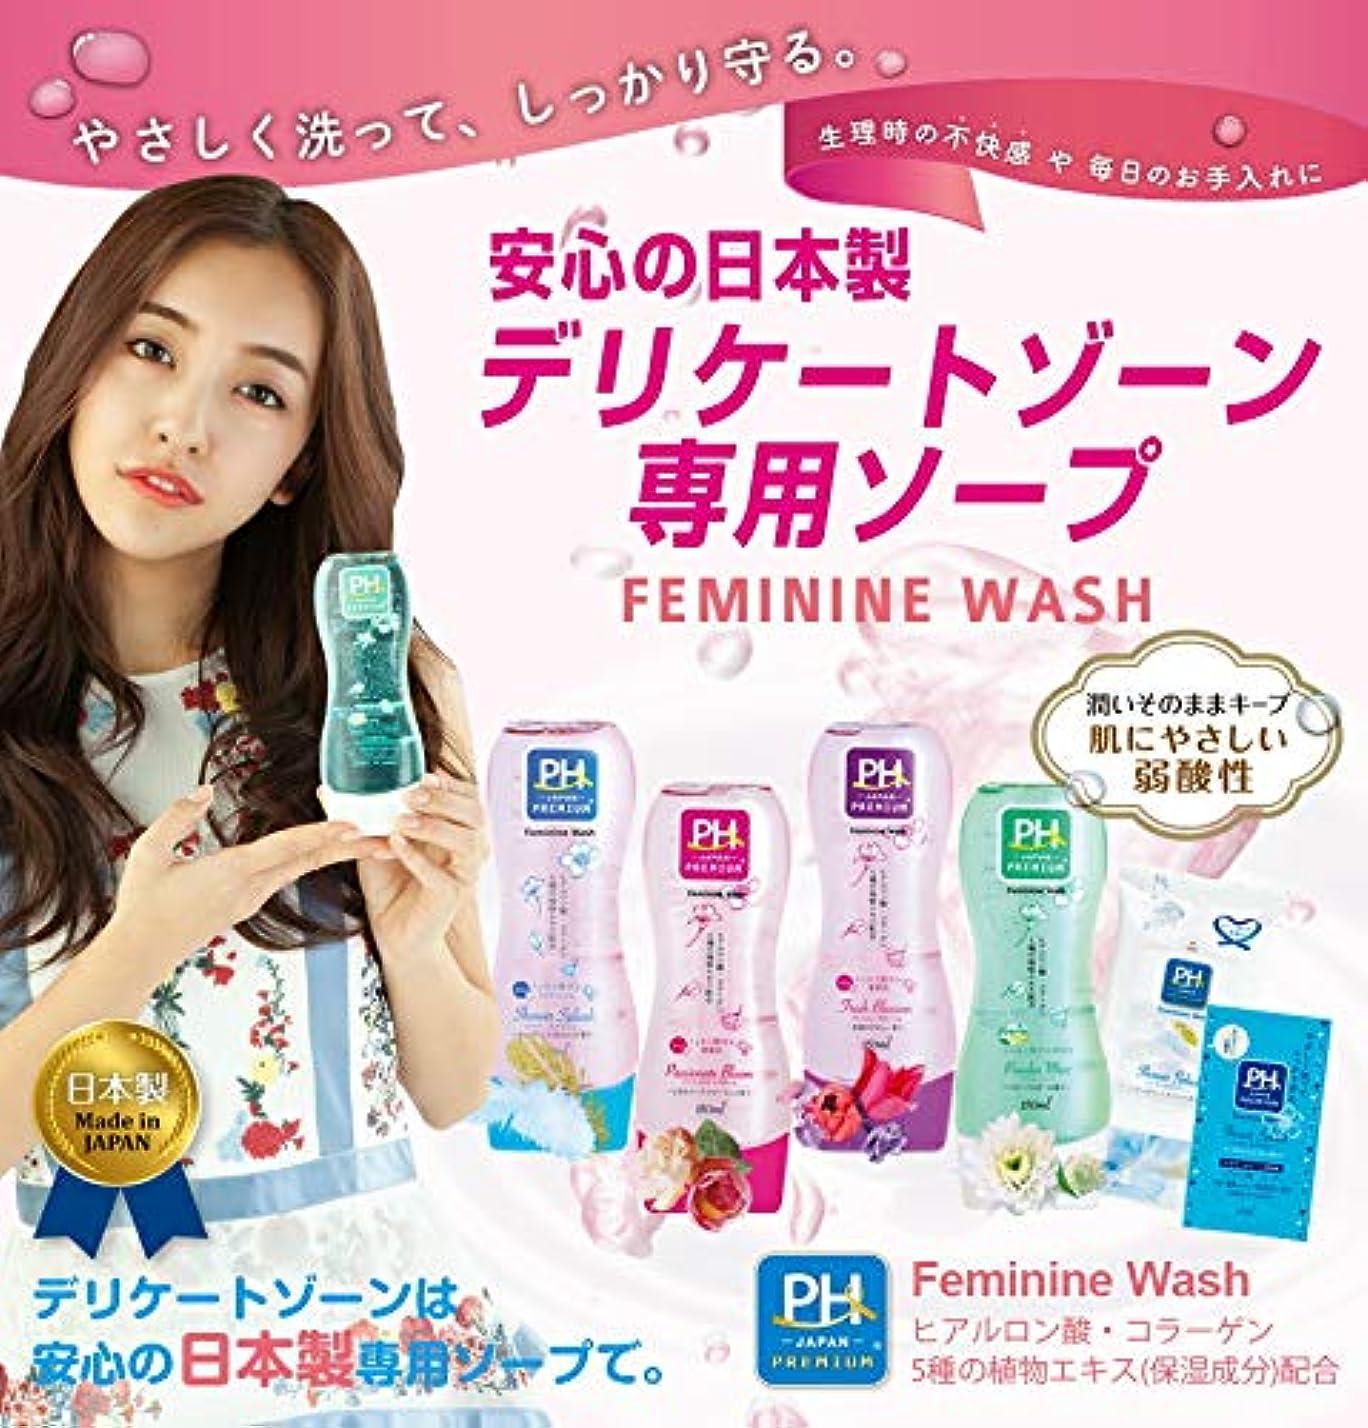 について野なカーテンPH JAPAN プレミアム フェミニンウォッシュ パッショネイトブルーム150ml上品なローズフローラルの香り 3本セット